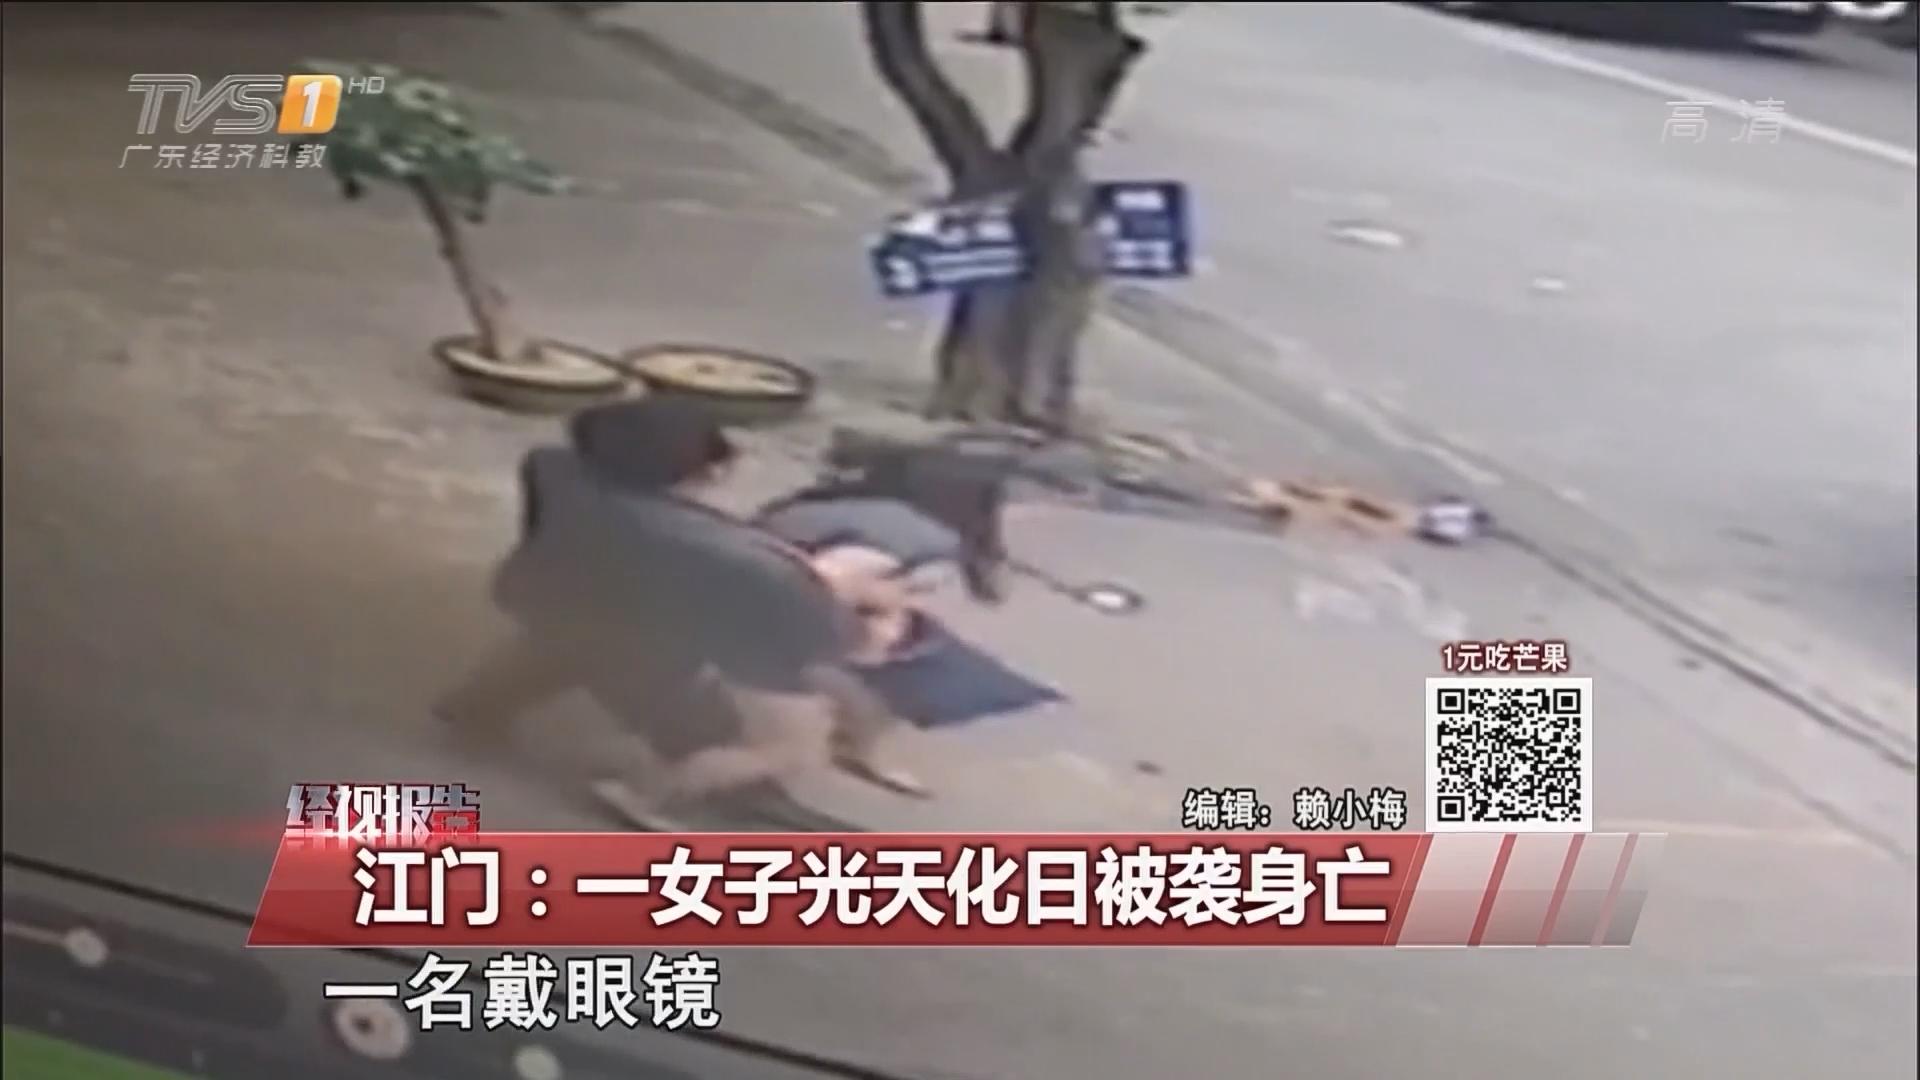 江门:一女子光天化日被袭身亡